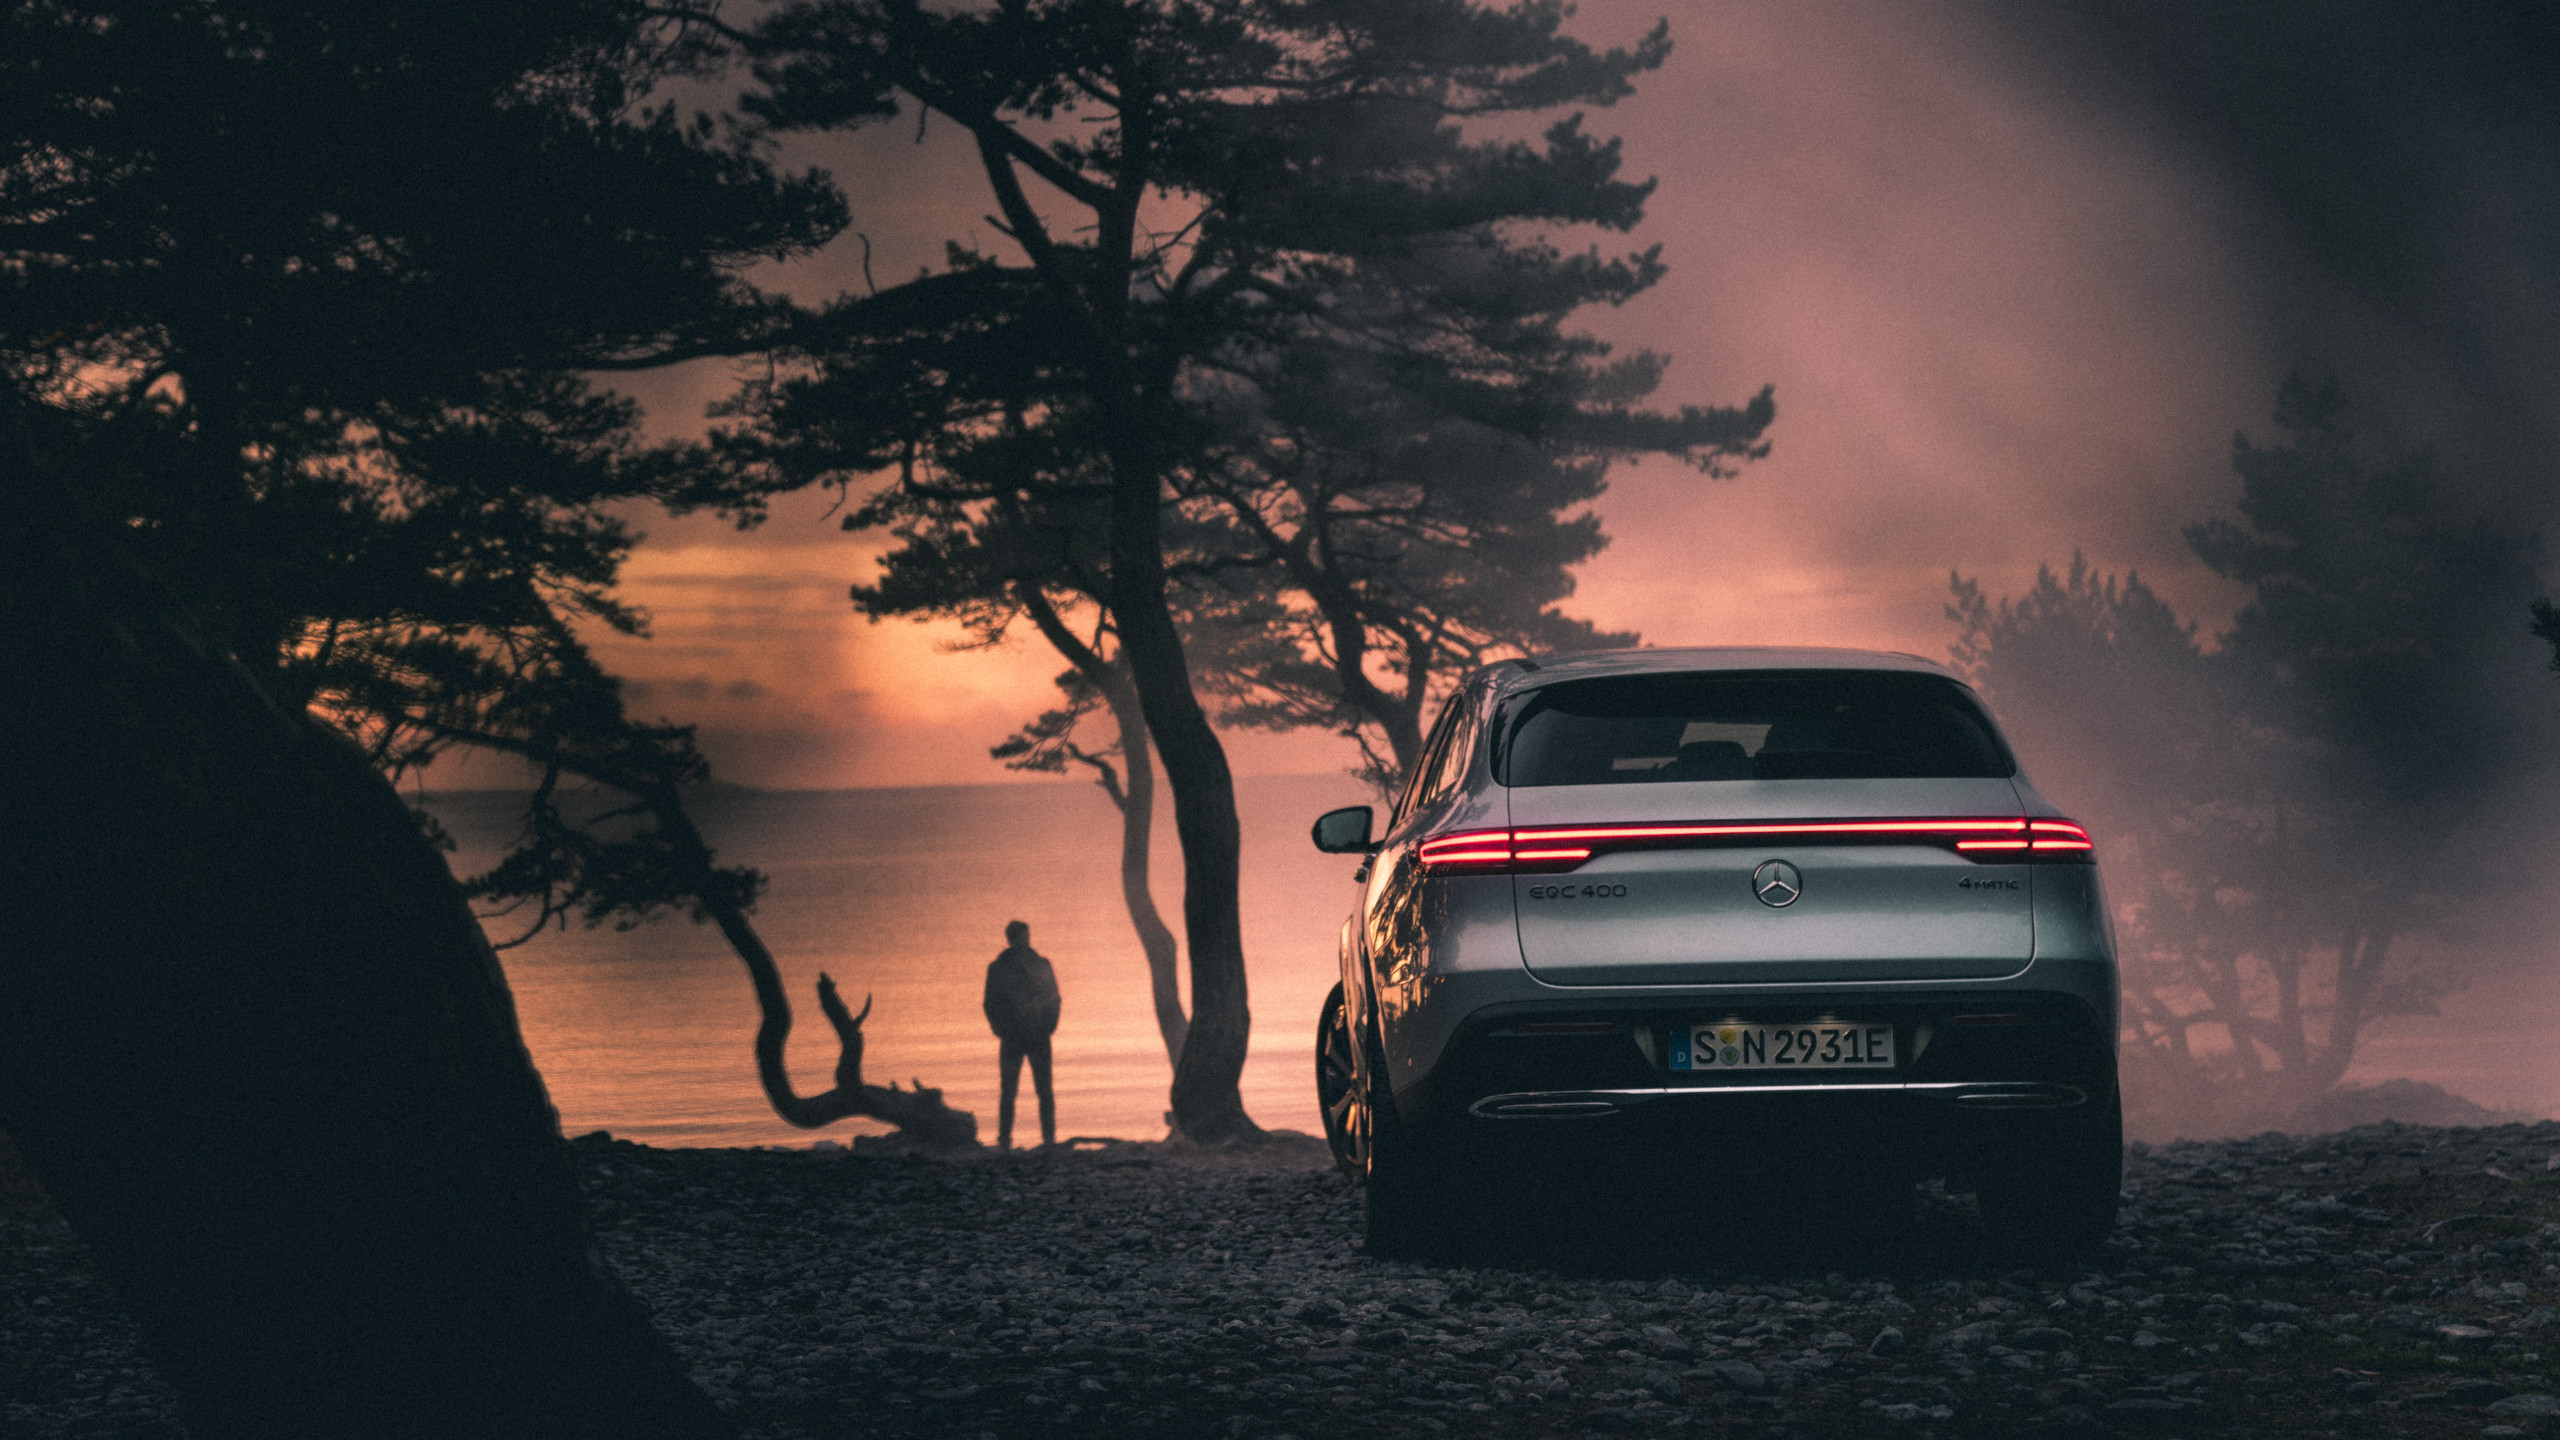 MBsocialcar Mercedes Benz EQC 2019 2560x1440